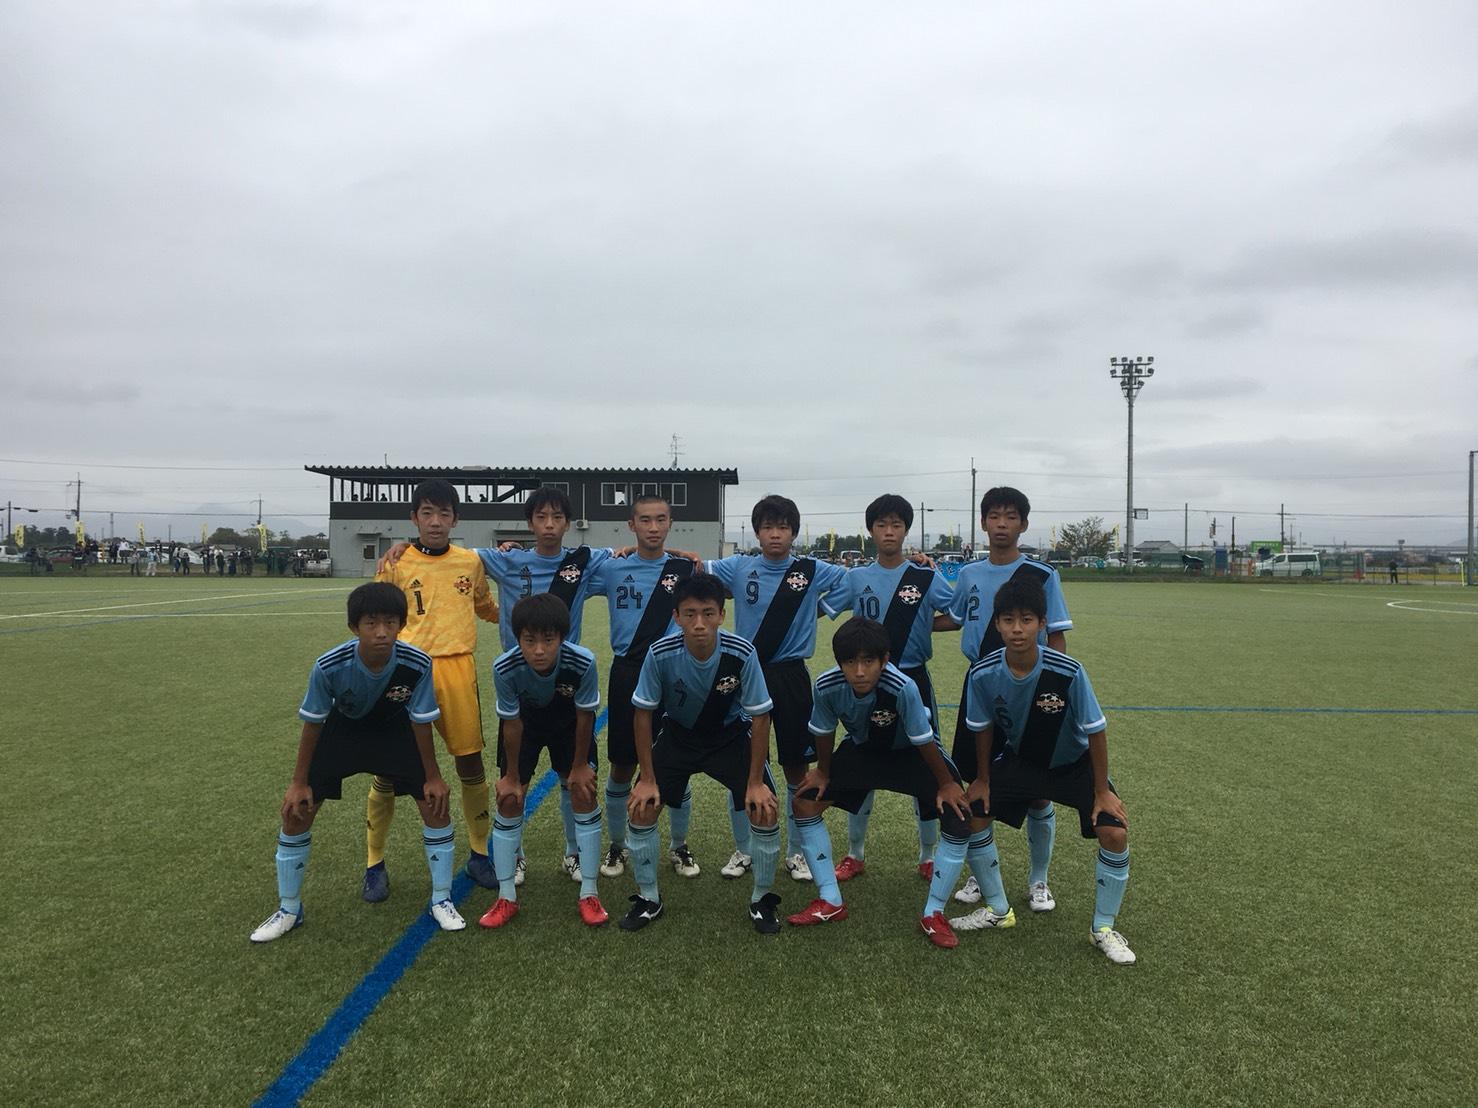 天スタ杯 NFAスーパーカップ プレーオフ  【最終結果】